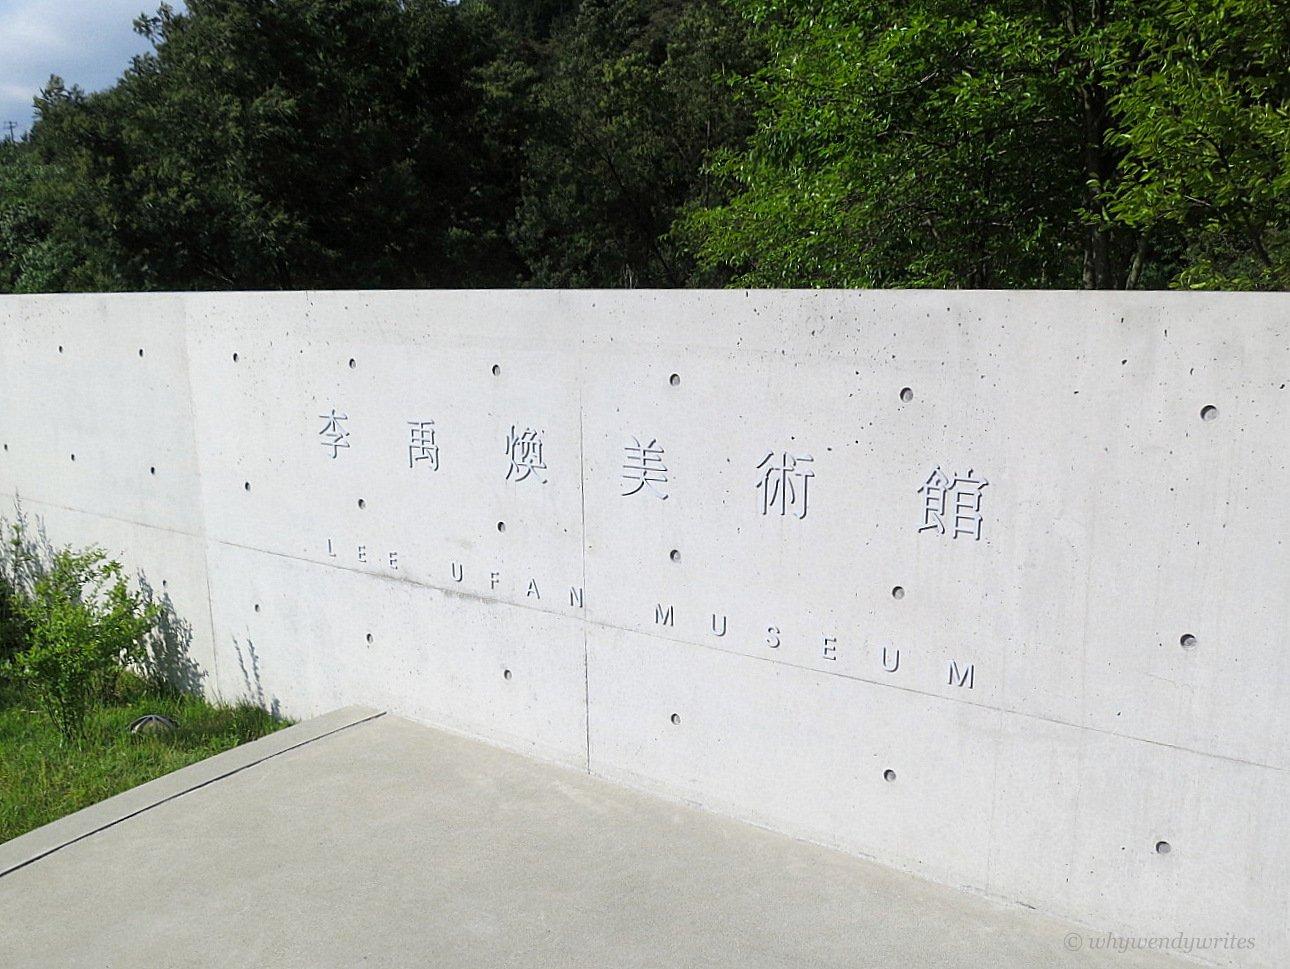 8 Lee Ufan Museum.JPG